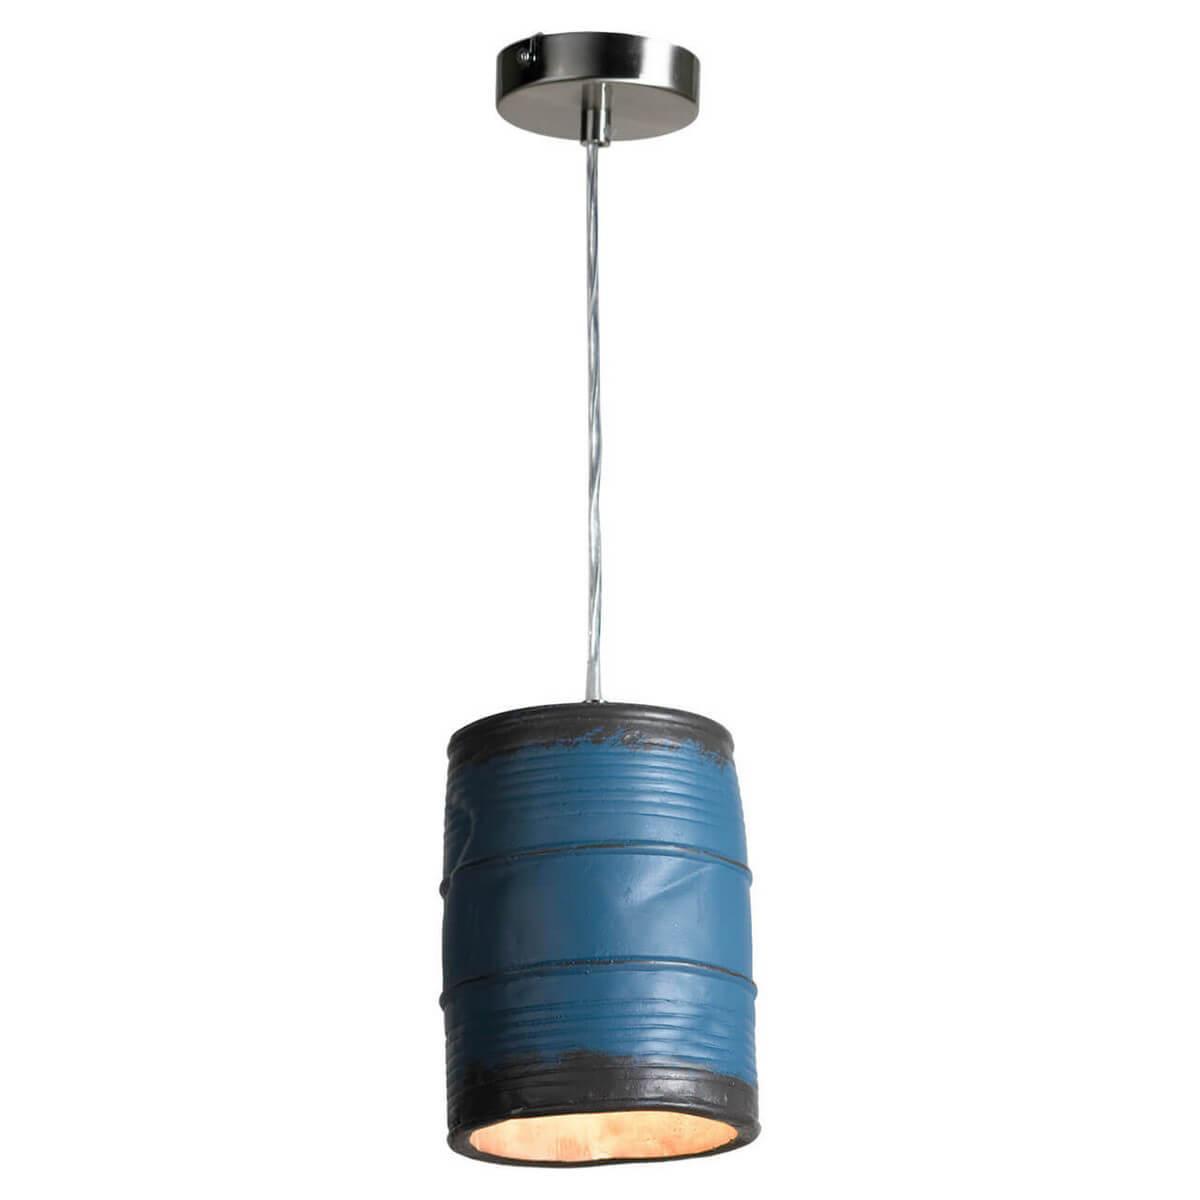 Фото - Подвесной светильник Lussole LOFT LSP-9525, E27, 40 Вт подвеcной светильник lussole loft lsp 9697